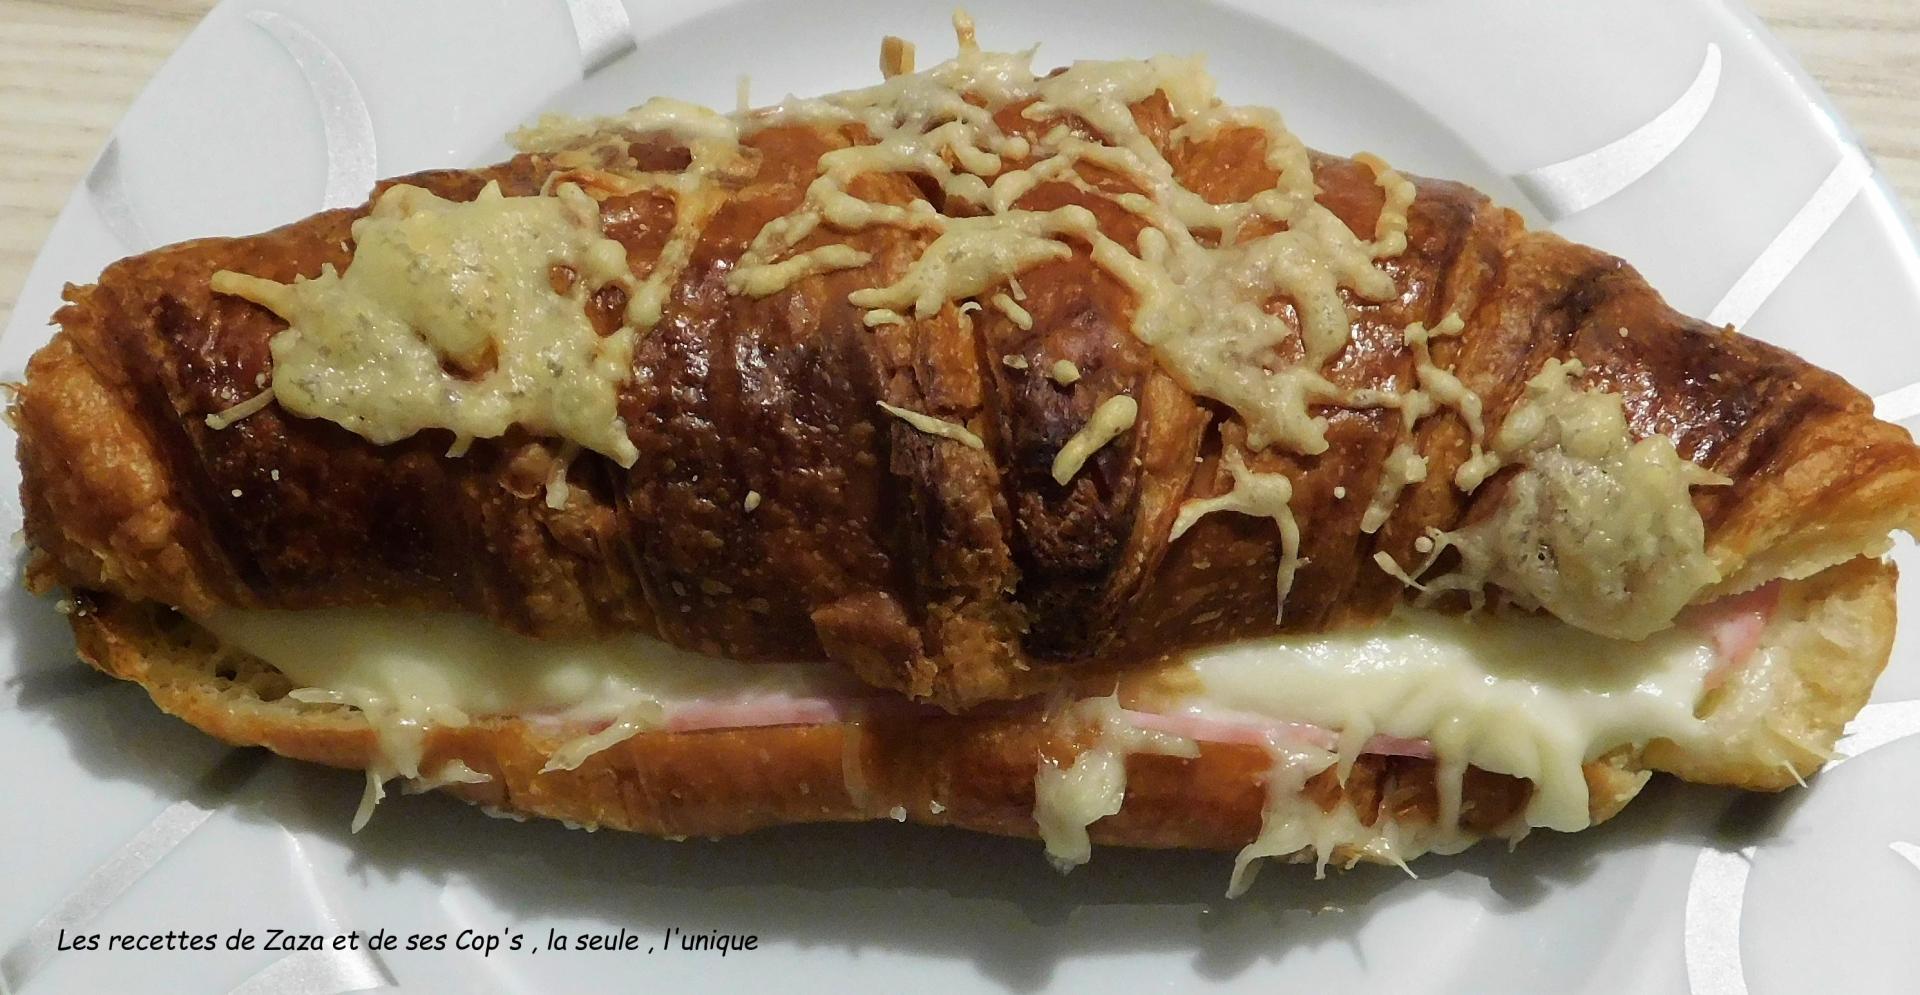 Croissants au jambon comme au bistro